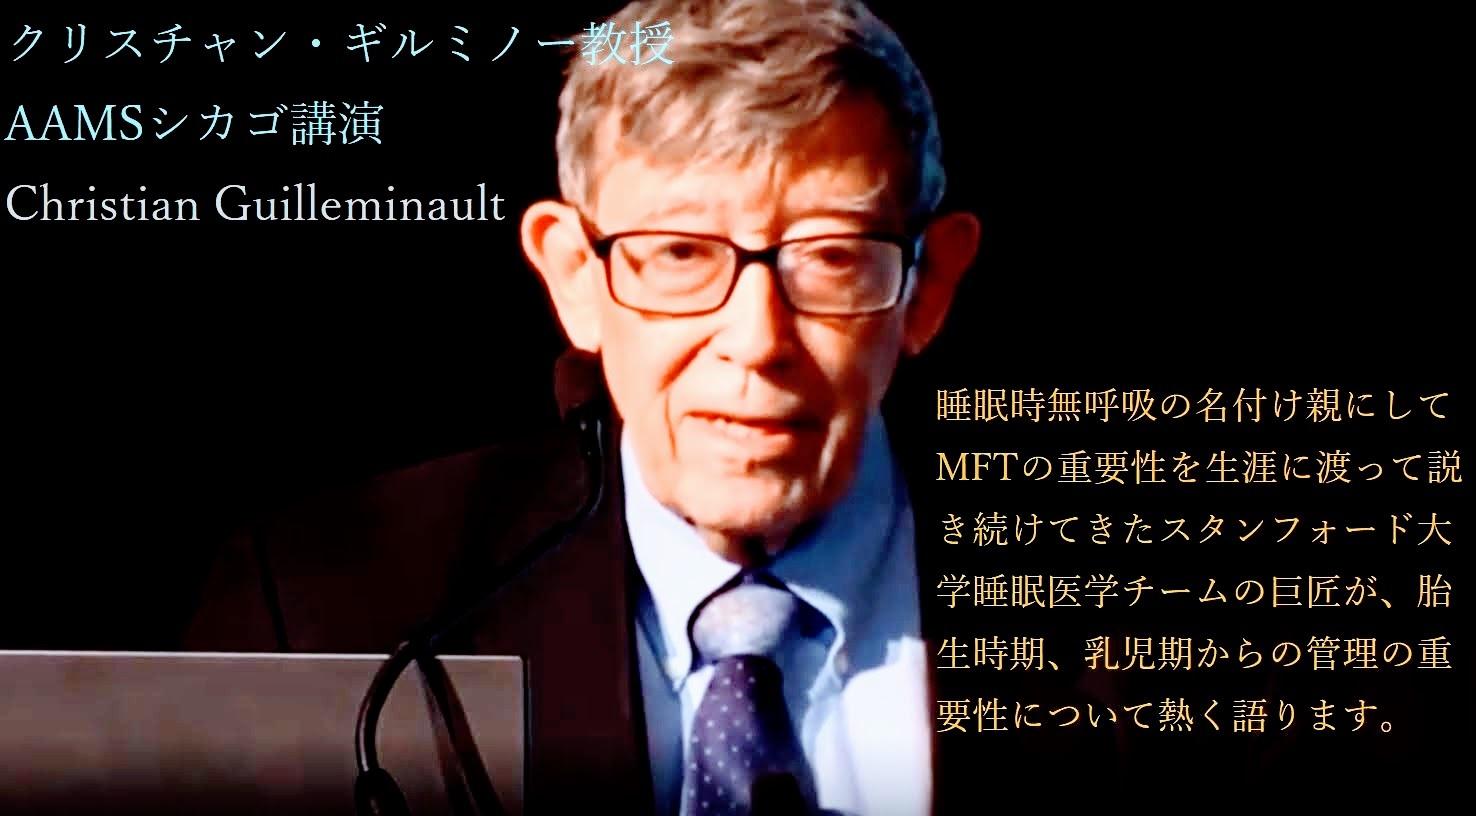 <無料視聴版>ギルミノー教授AAMSシカゴ講演(日本語字幕付き)